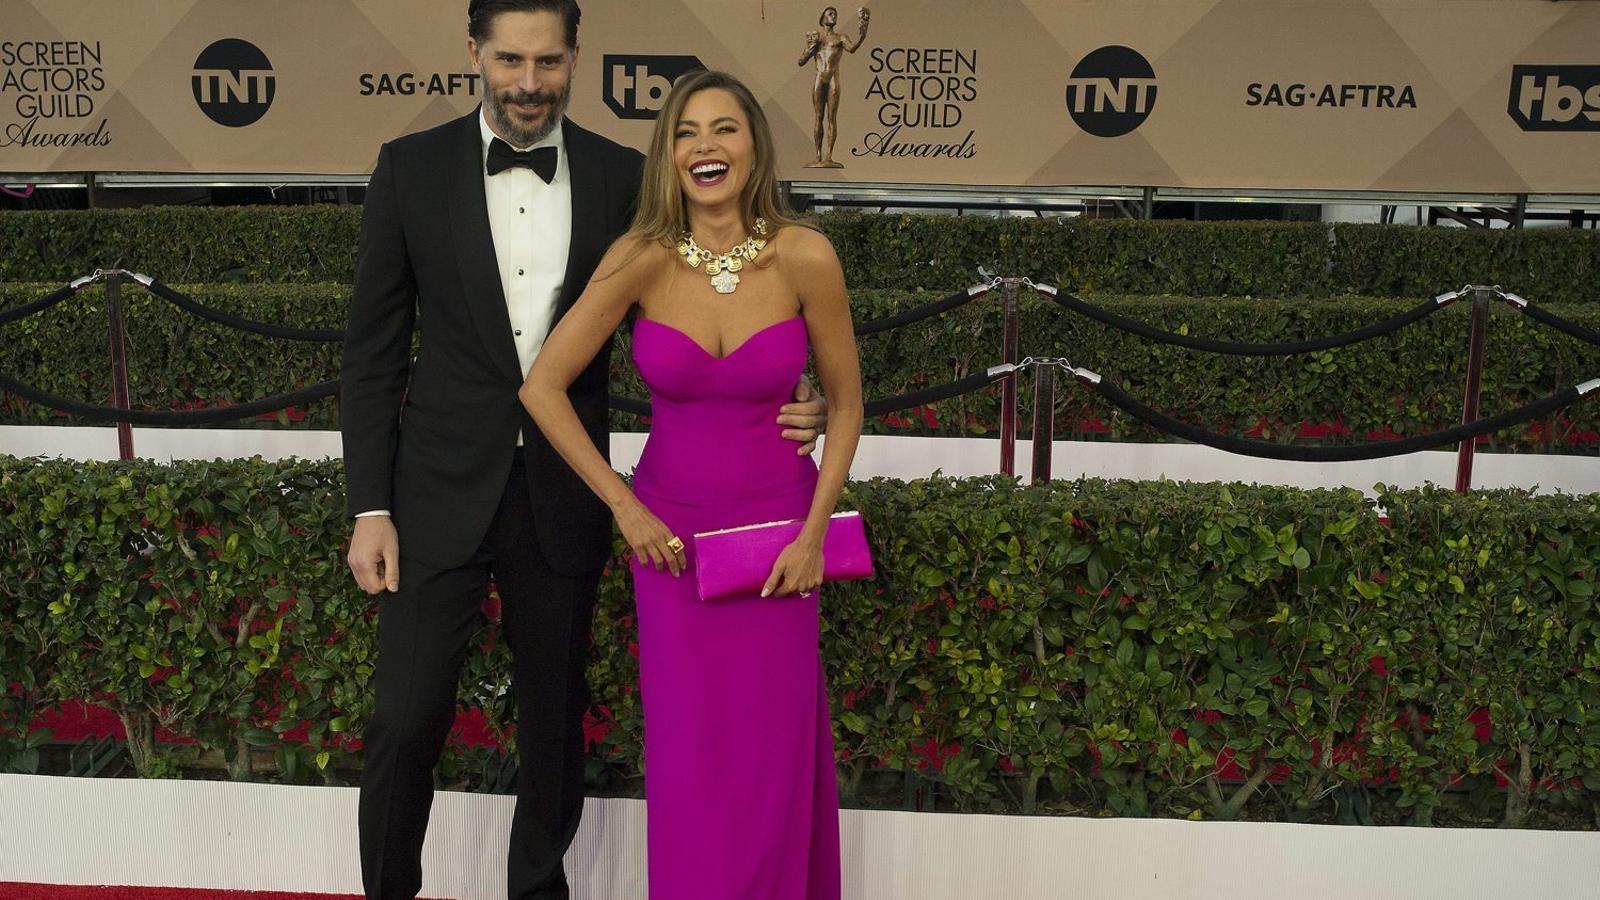 Sofía Vergara, actualment   Casada amb l'actor Joe   Manganiello, ha estat  Denunciada per dos embrions  Que havia congelat amb el seu  Ex, Nick Loeb.